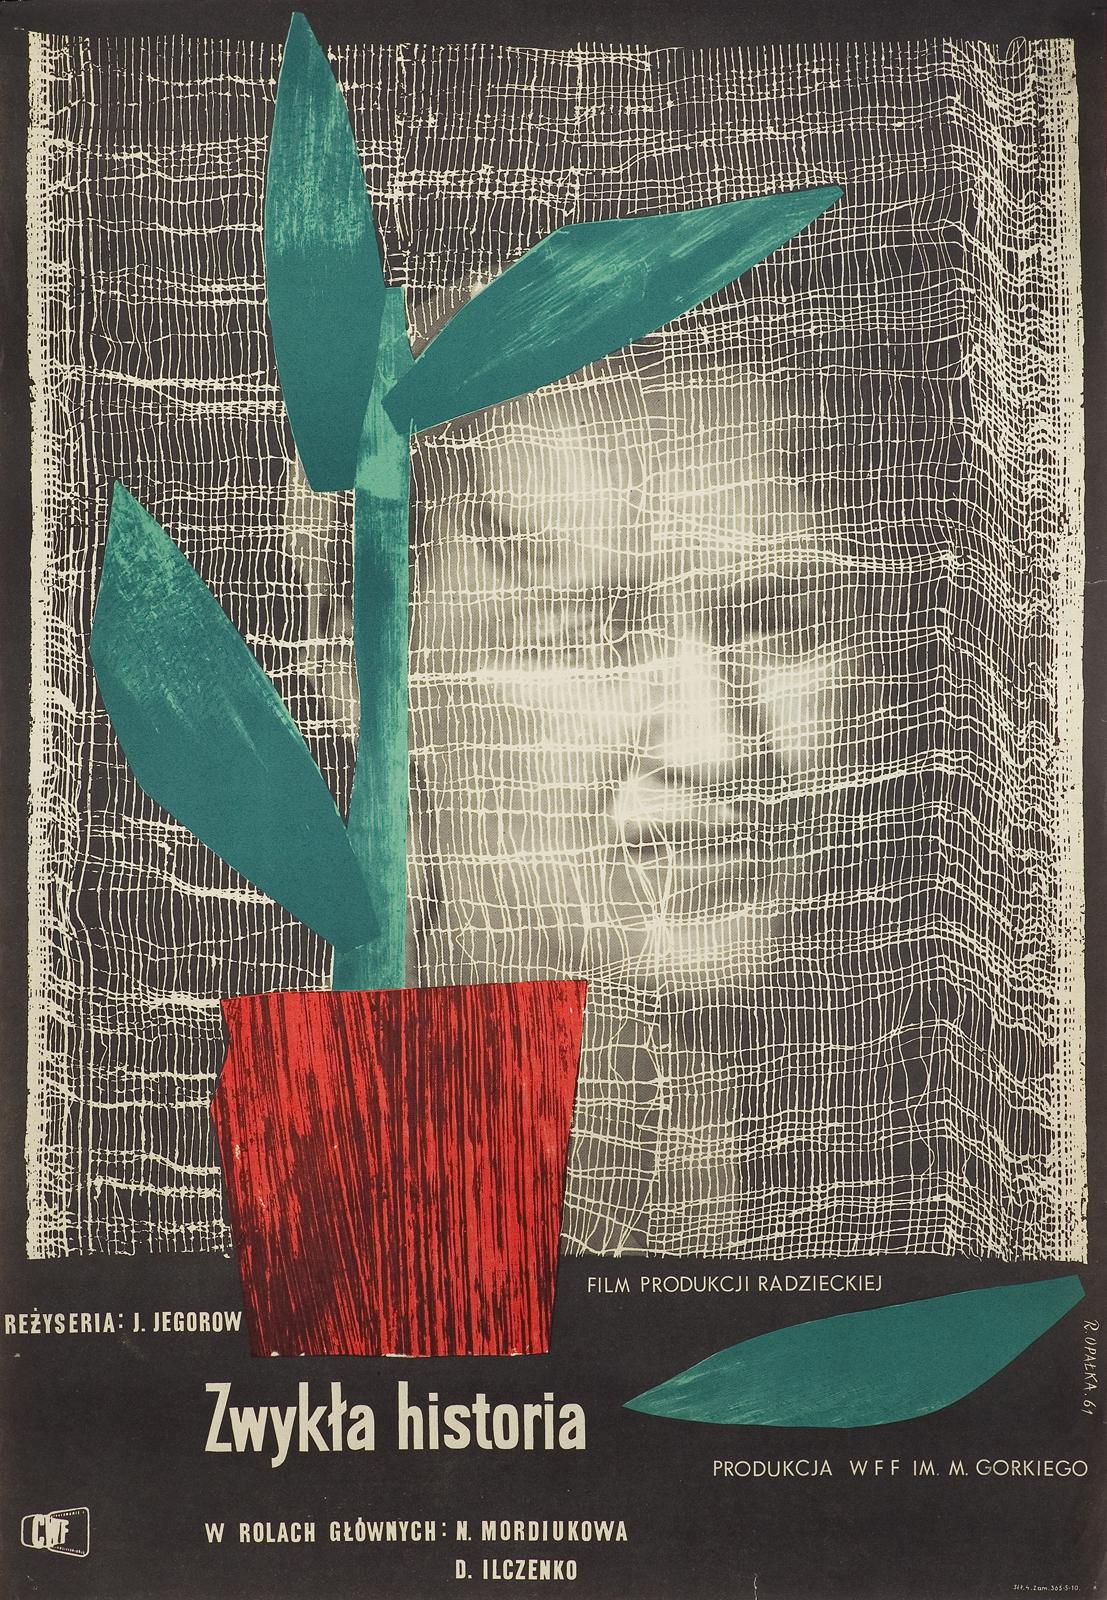 """PLAKAT DO FILMU PROD. RADZIECKIEJ, REŻ. J. JEGOROW, """"ZWYKŁA HISTORIA"""", 1961"""